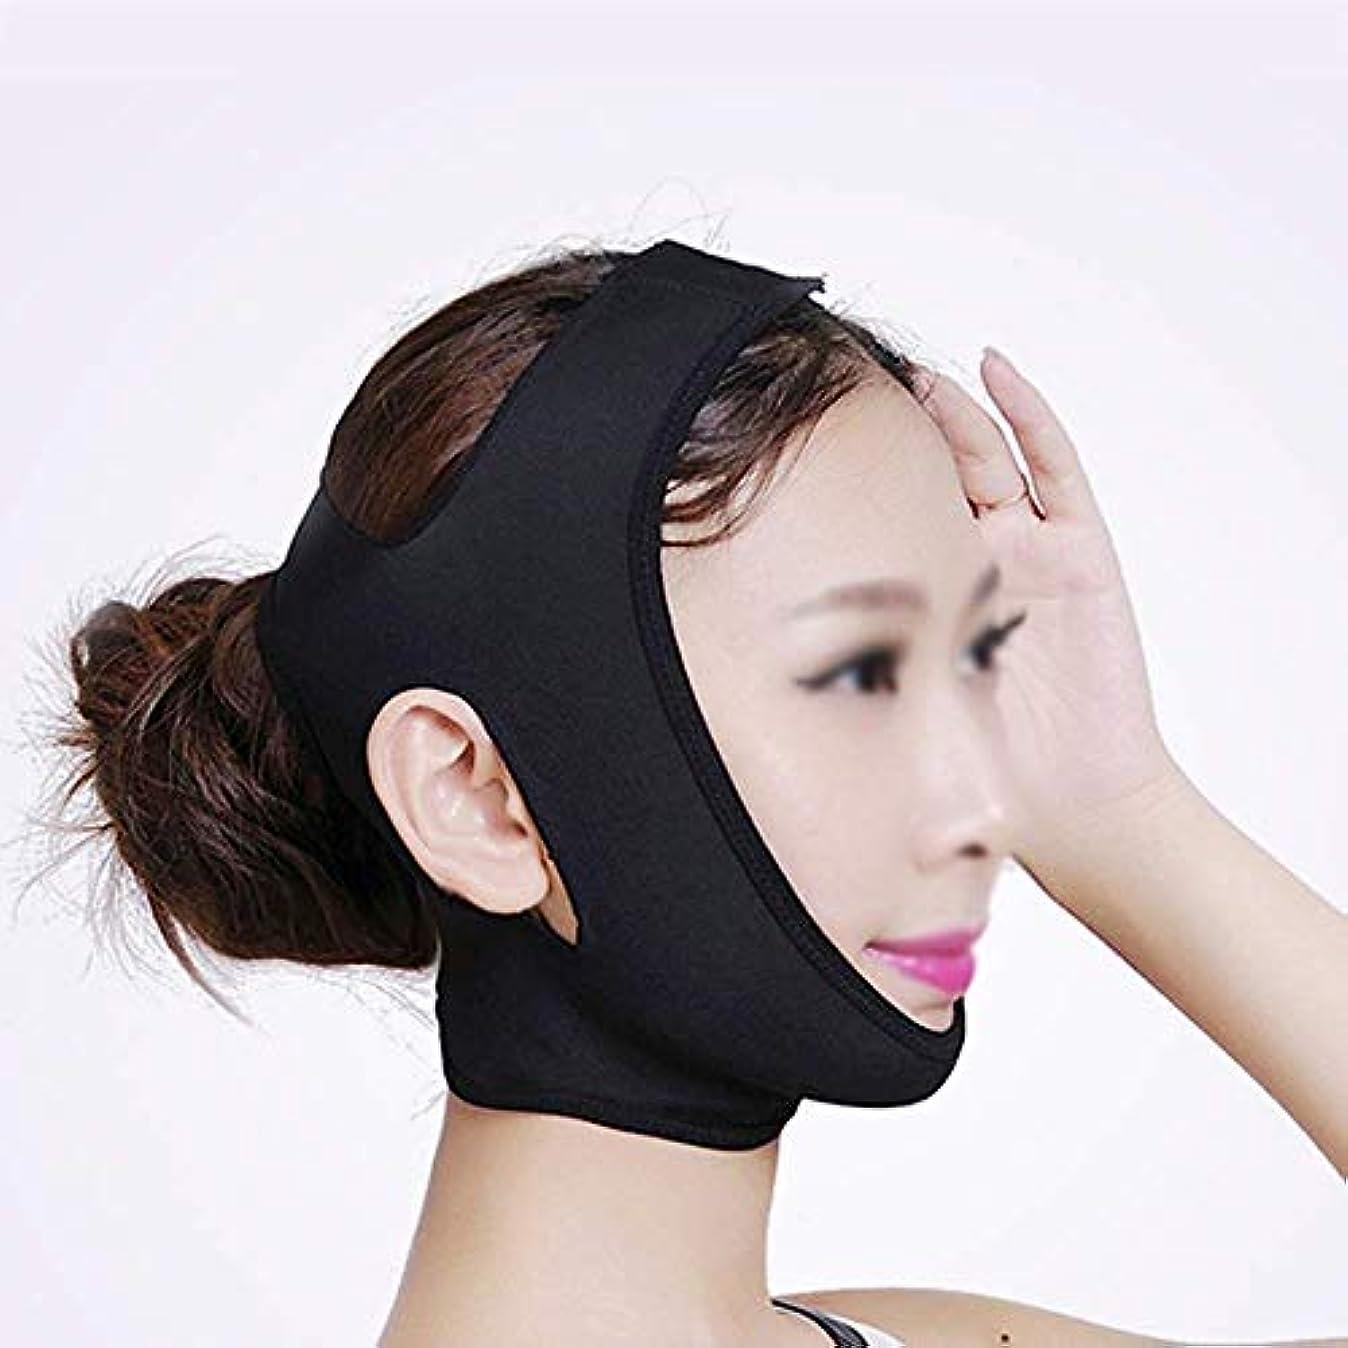 使用法似ている忙しいフェイシャル減量マスクリフティングフェイス、フェイスマスク、減量包帯を除去するためのダブルチン、フェイシャルリフティング包帯、ダブルチンを減らすためのリフティングベルト(カラー:ブラック、サイズ:M),ブラック、XL